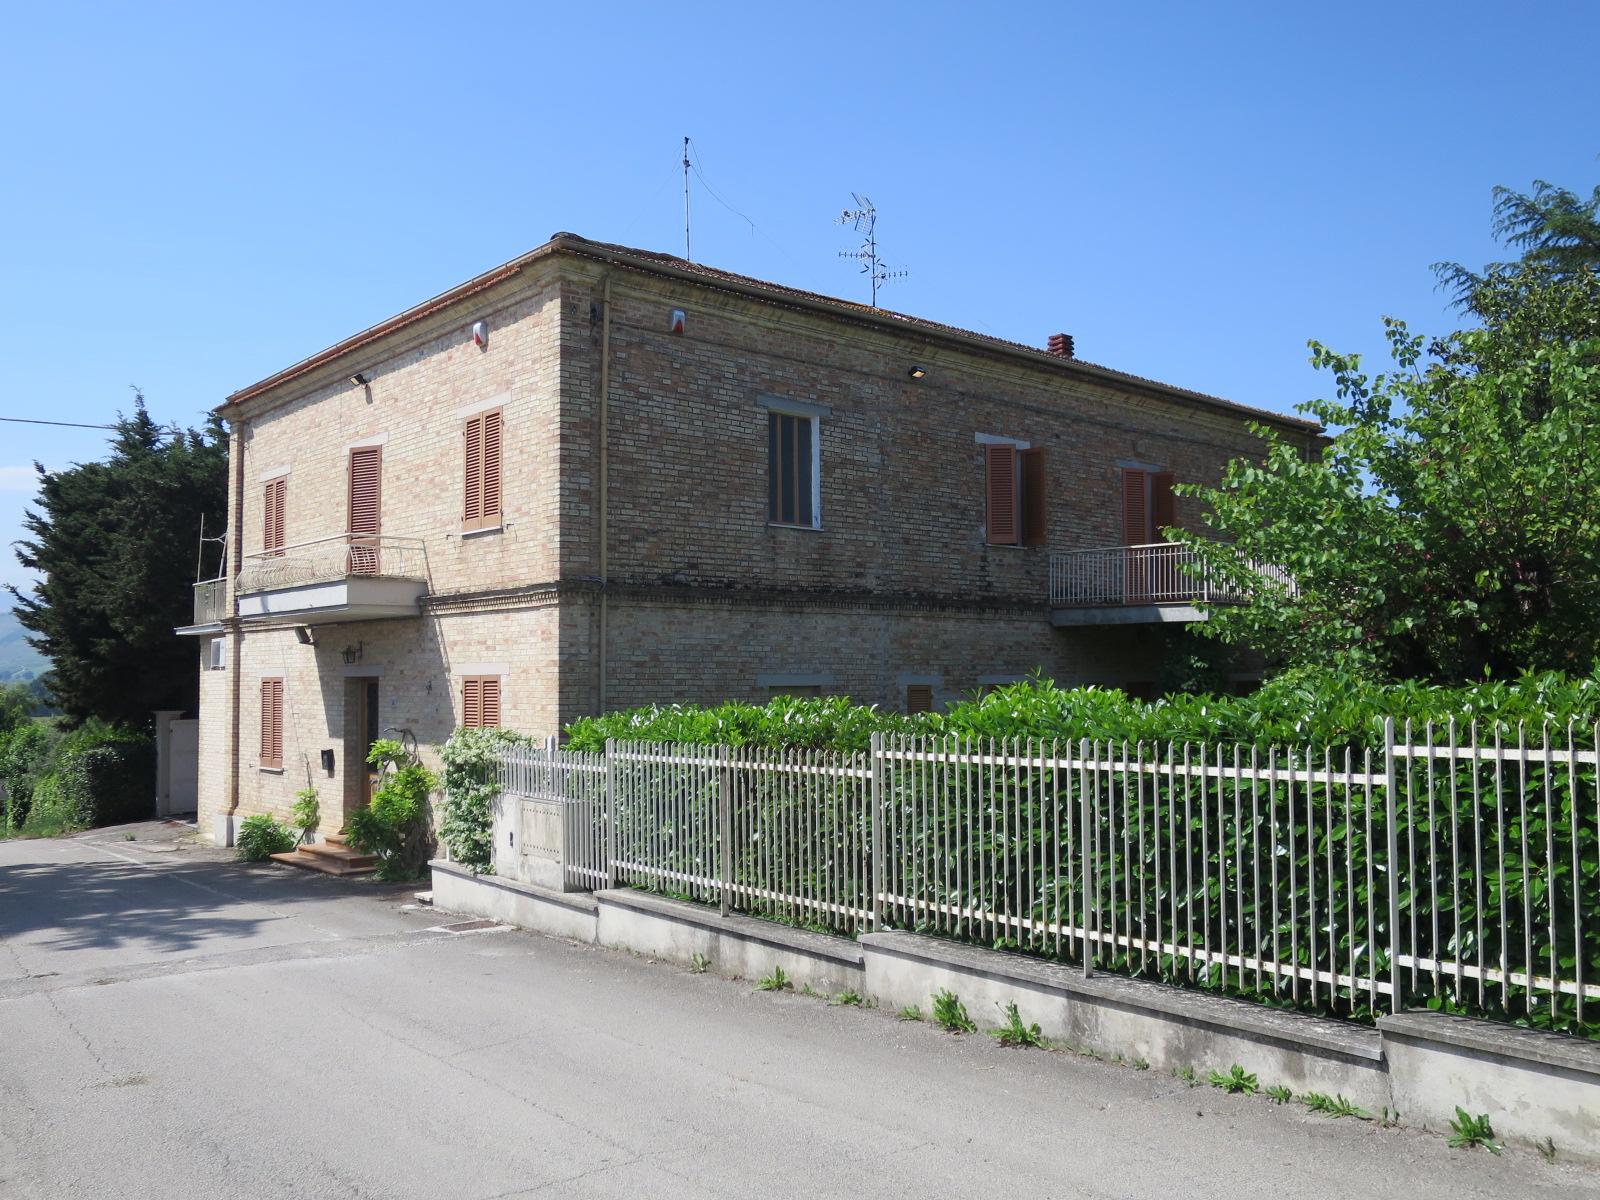 Villa Villa for sale Roseto degli Abruzzi (TE), Villa del Marinaio - Roseto degli Abruzzi - EUR 385.559 740